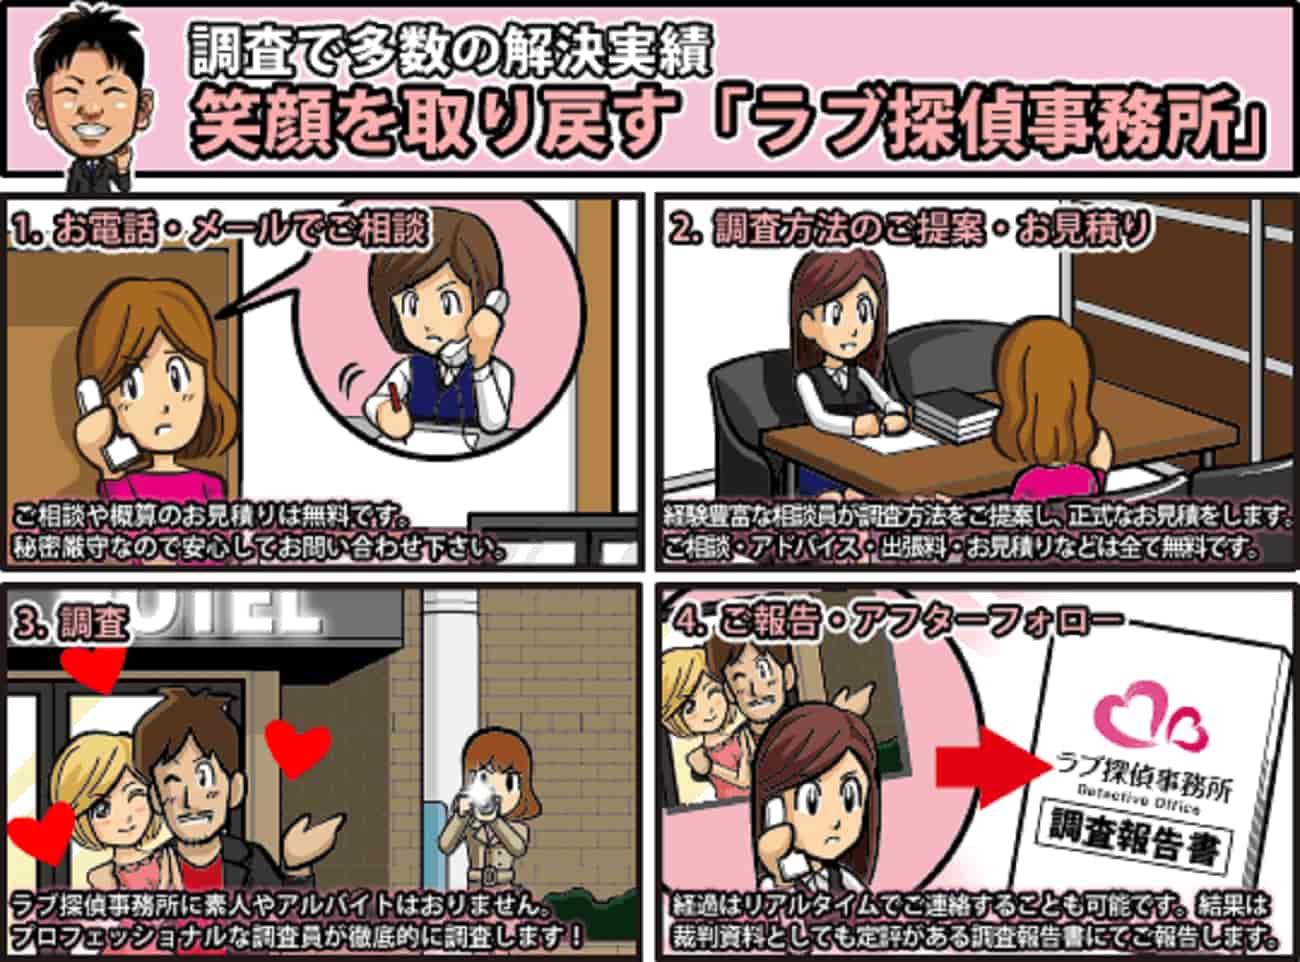 ラブ探偵事務所は茨城県常陸太田市の相談お見積り無料